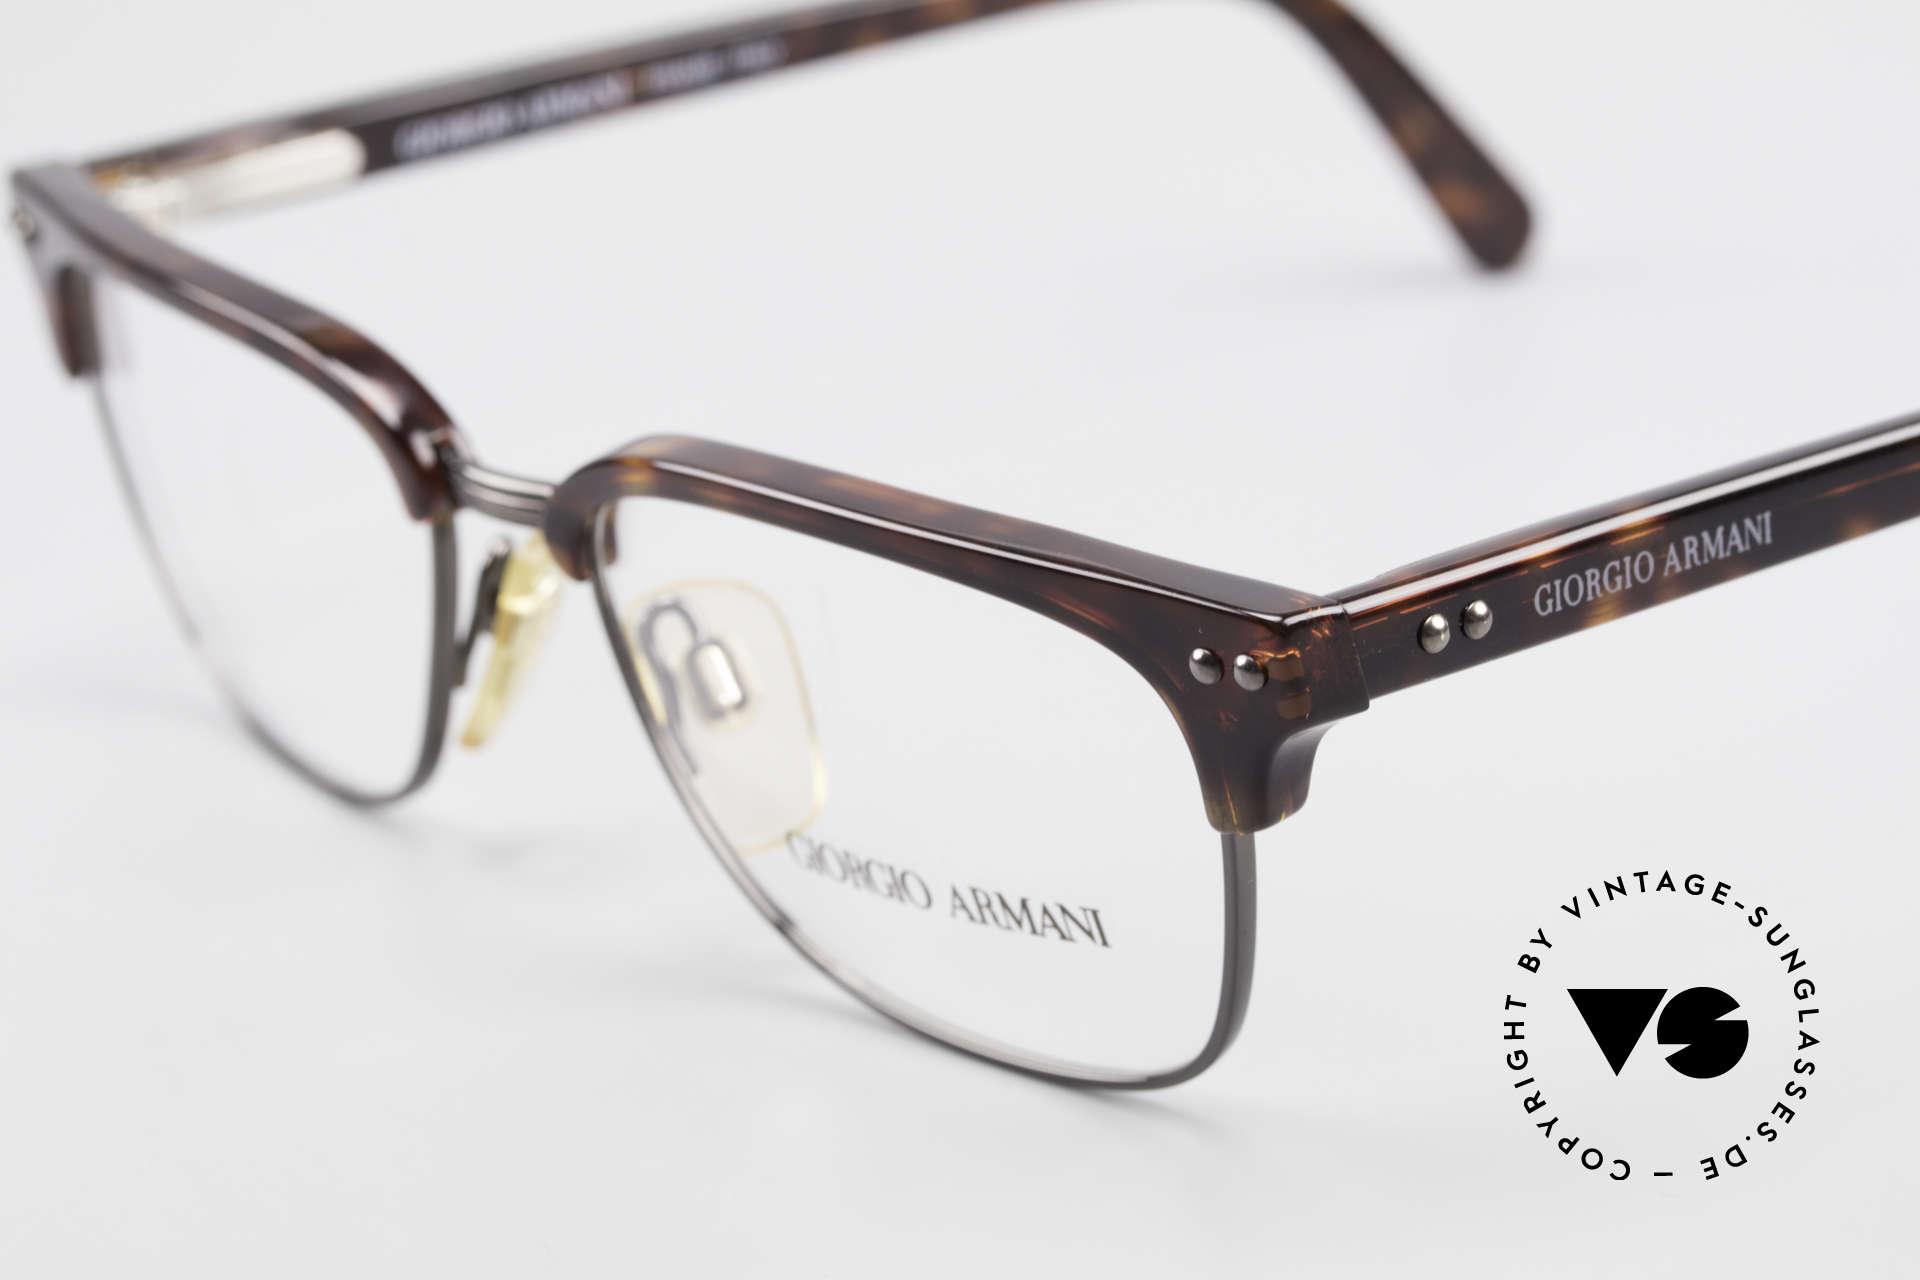 Giorgio Armani 381 Vintage Brille Clubmaster Stil, großartige Kombination aus Eleganz & Top-Qualität, Passend für Herren